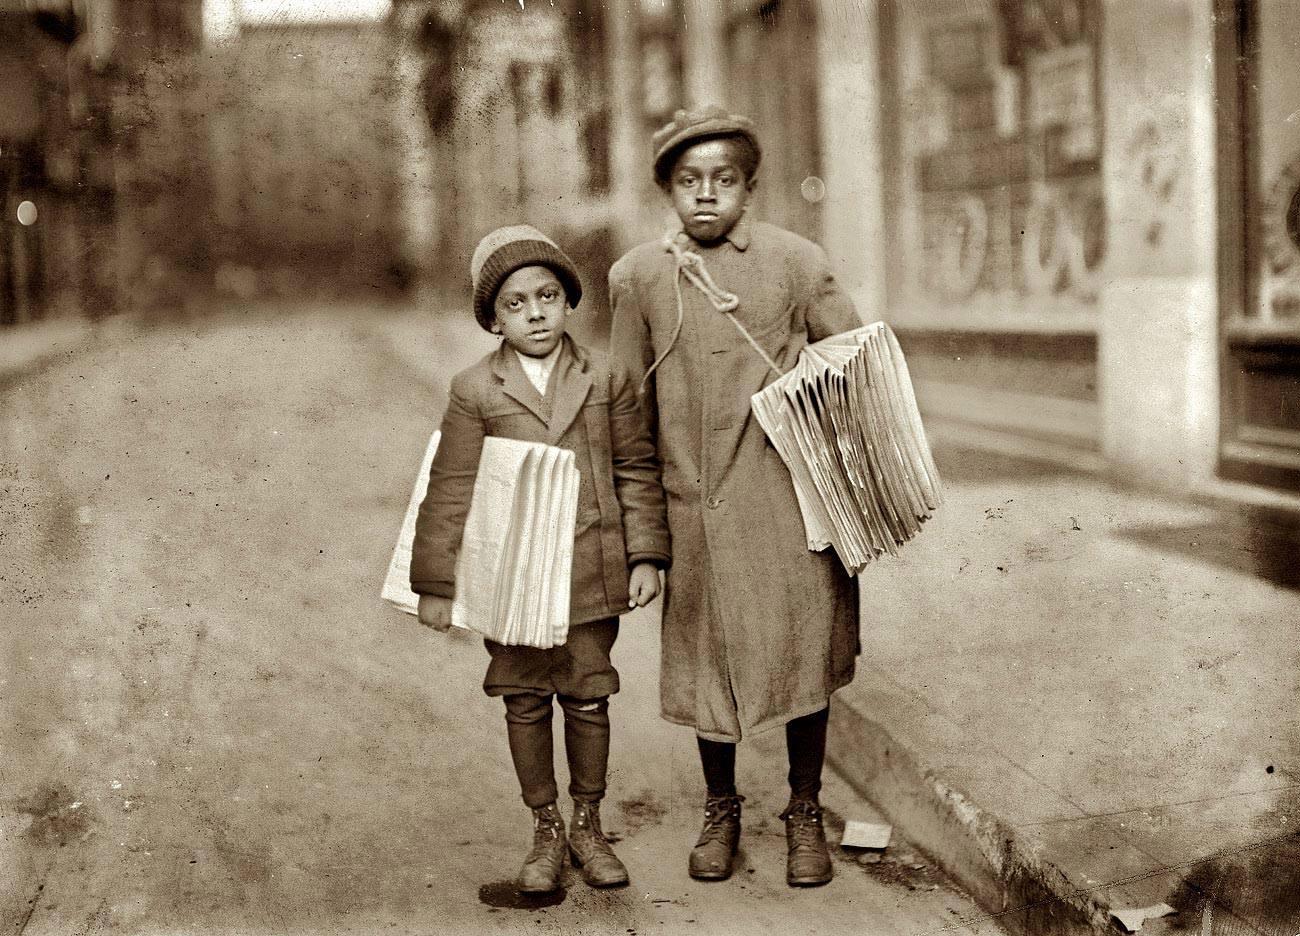 Lewis Hine - Niños negros vendedores de periódicos